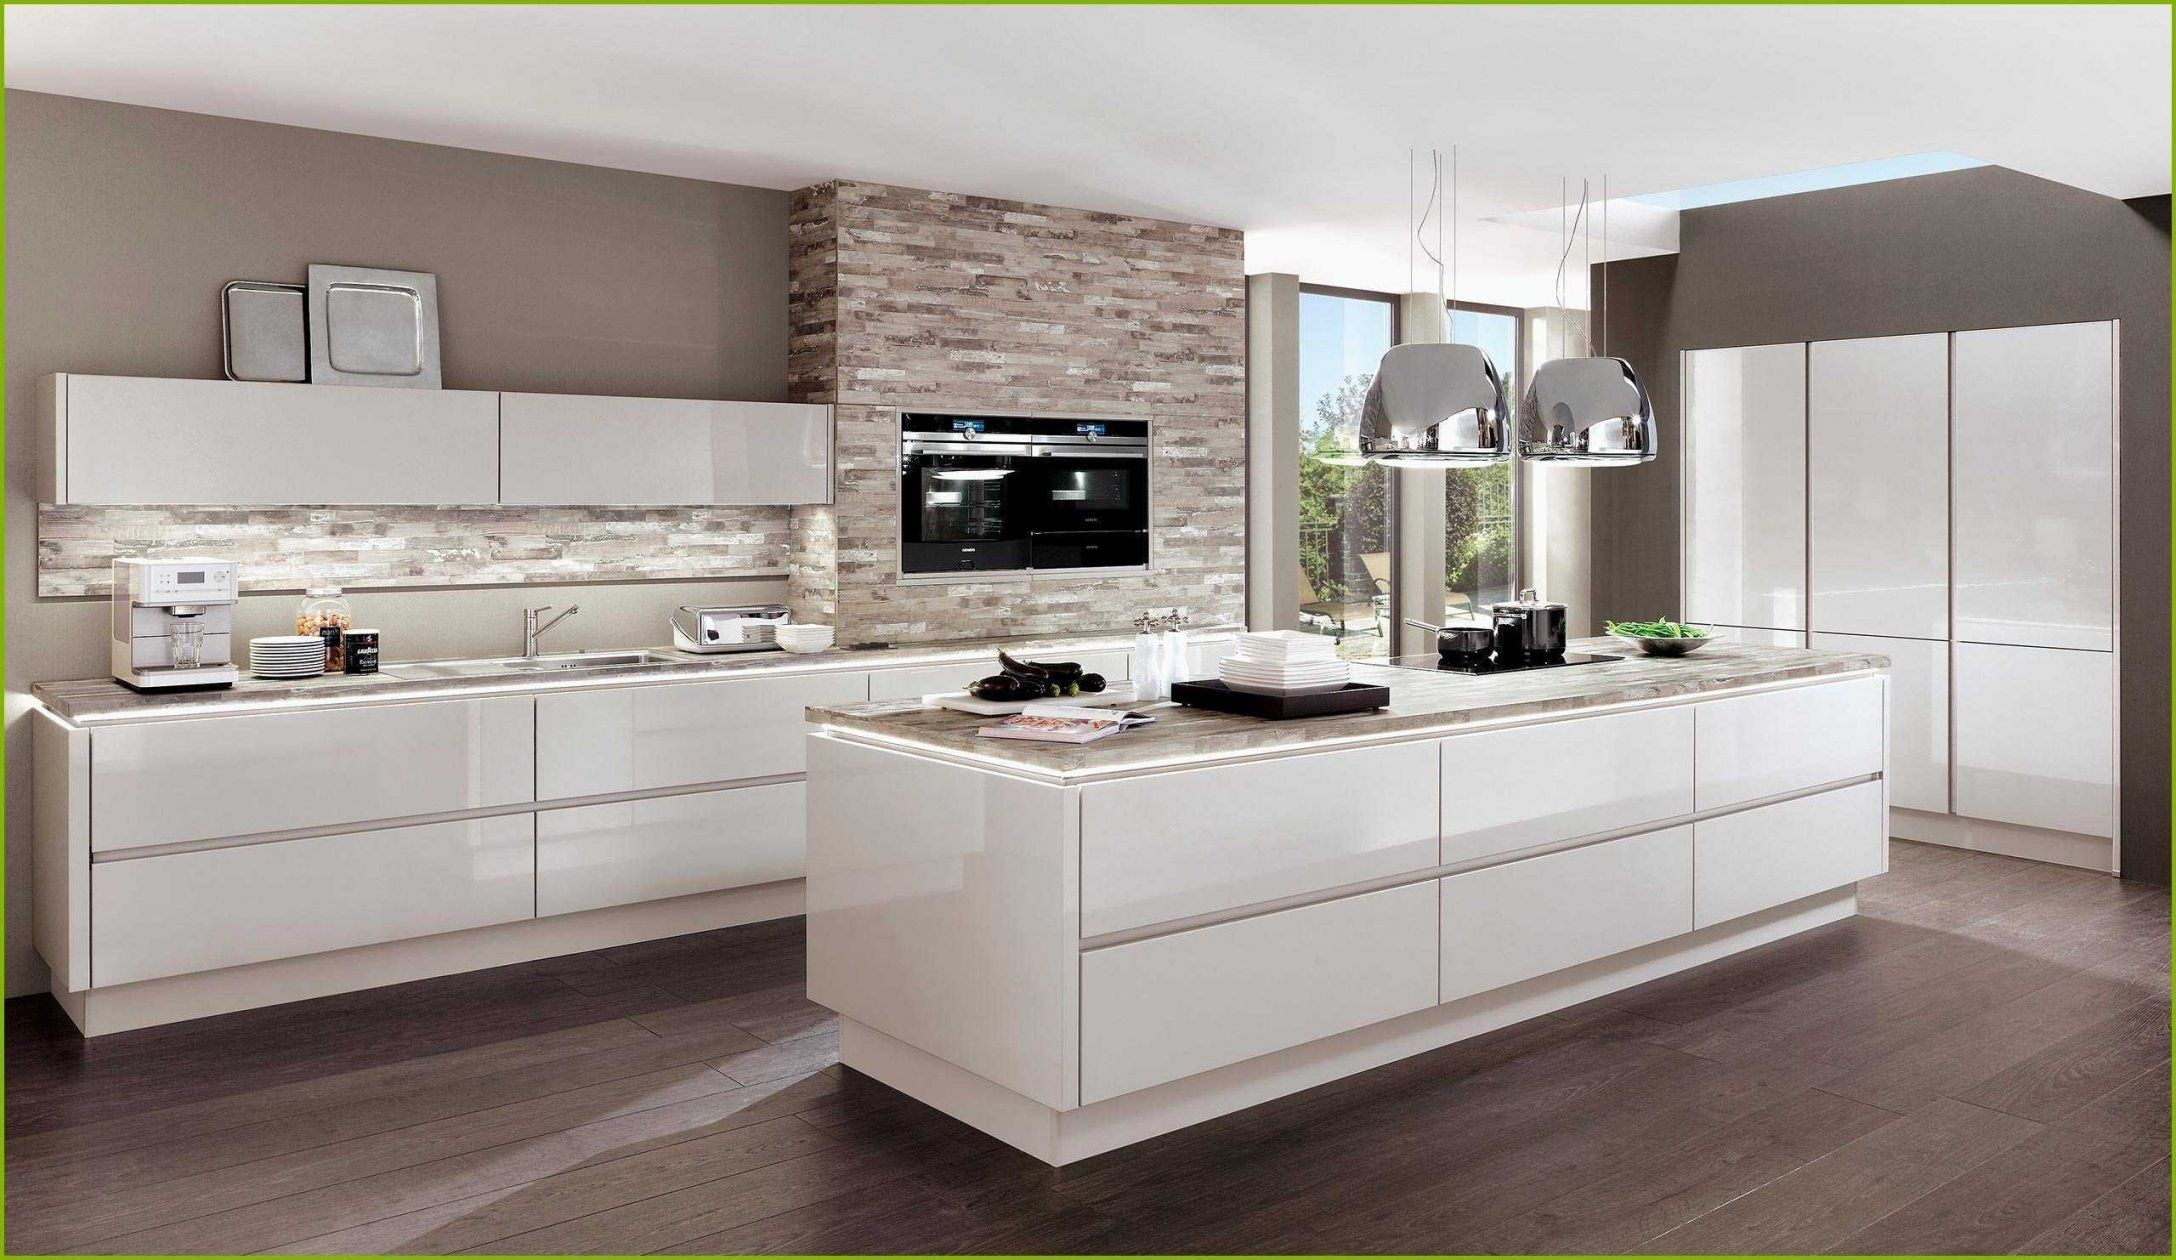 Ikea Kuche Ohne Griffe Kuche Hochglanz Nobilia Kuchen Kuchen Design